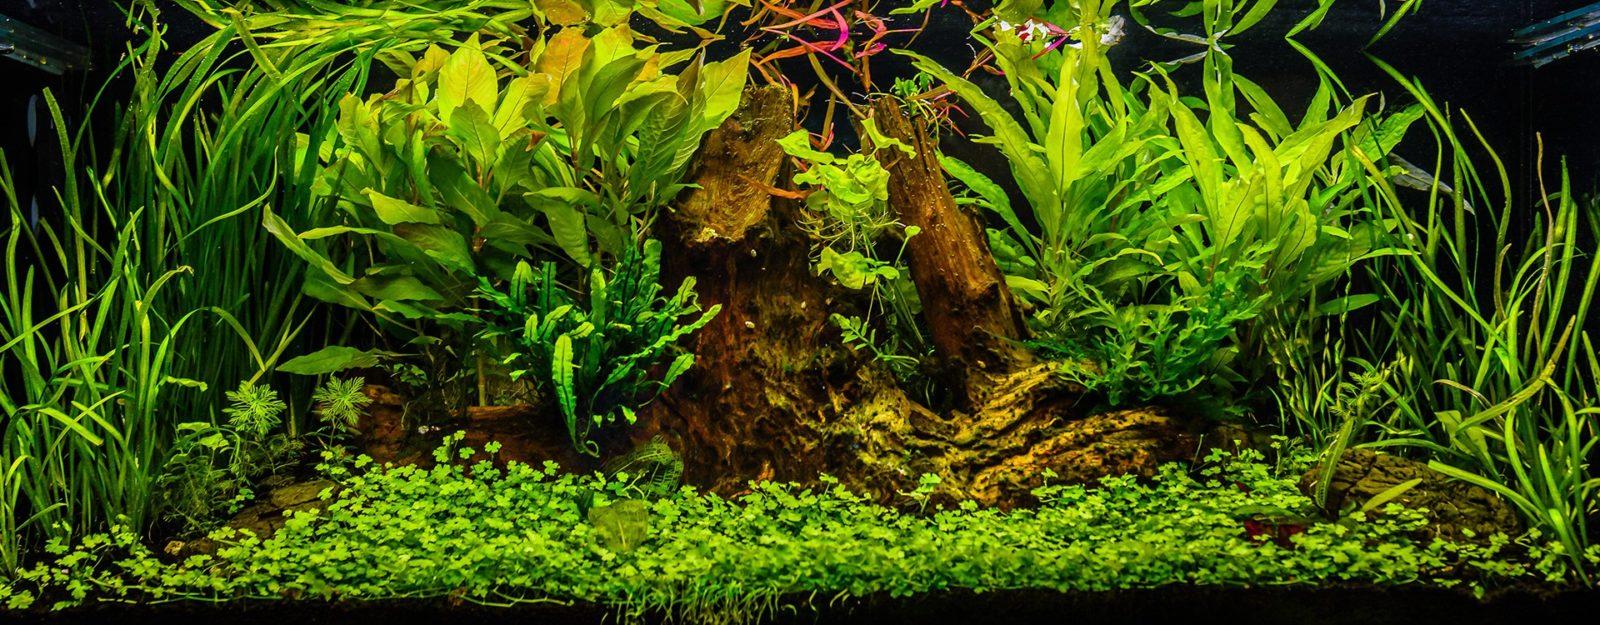 Как правильно выбрать питательную подложку для аквариума?